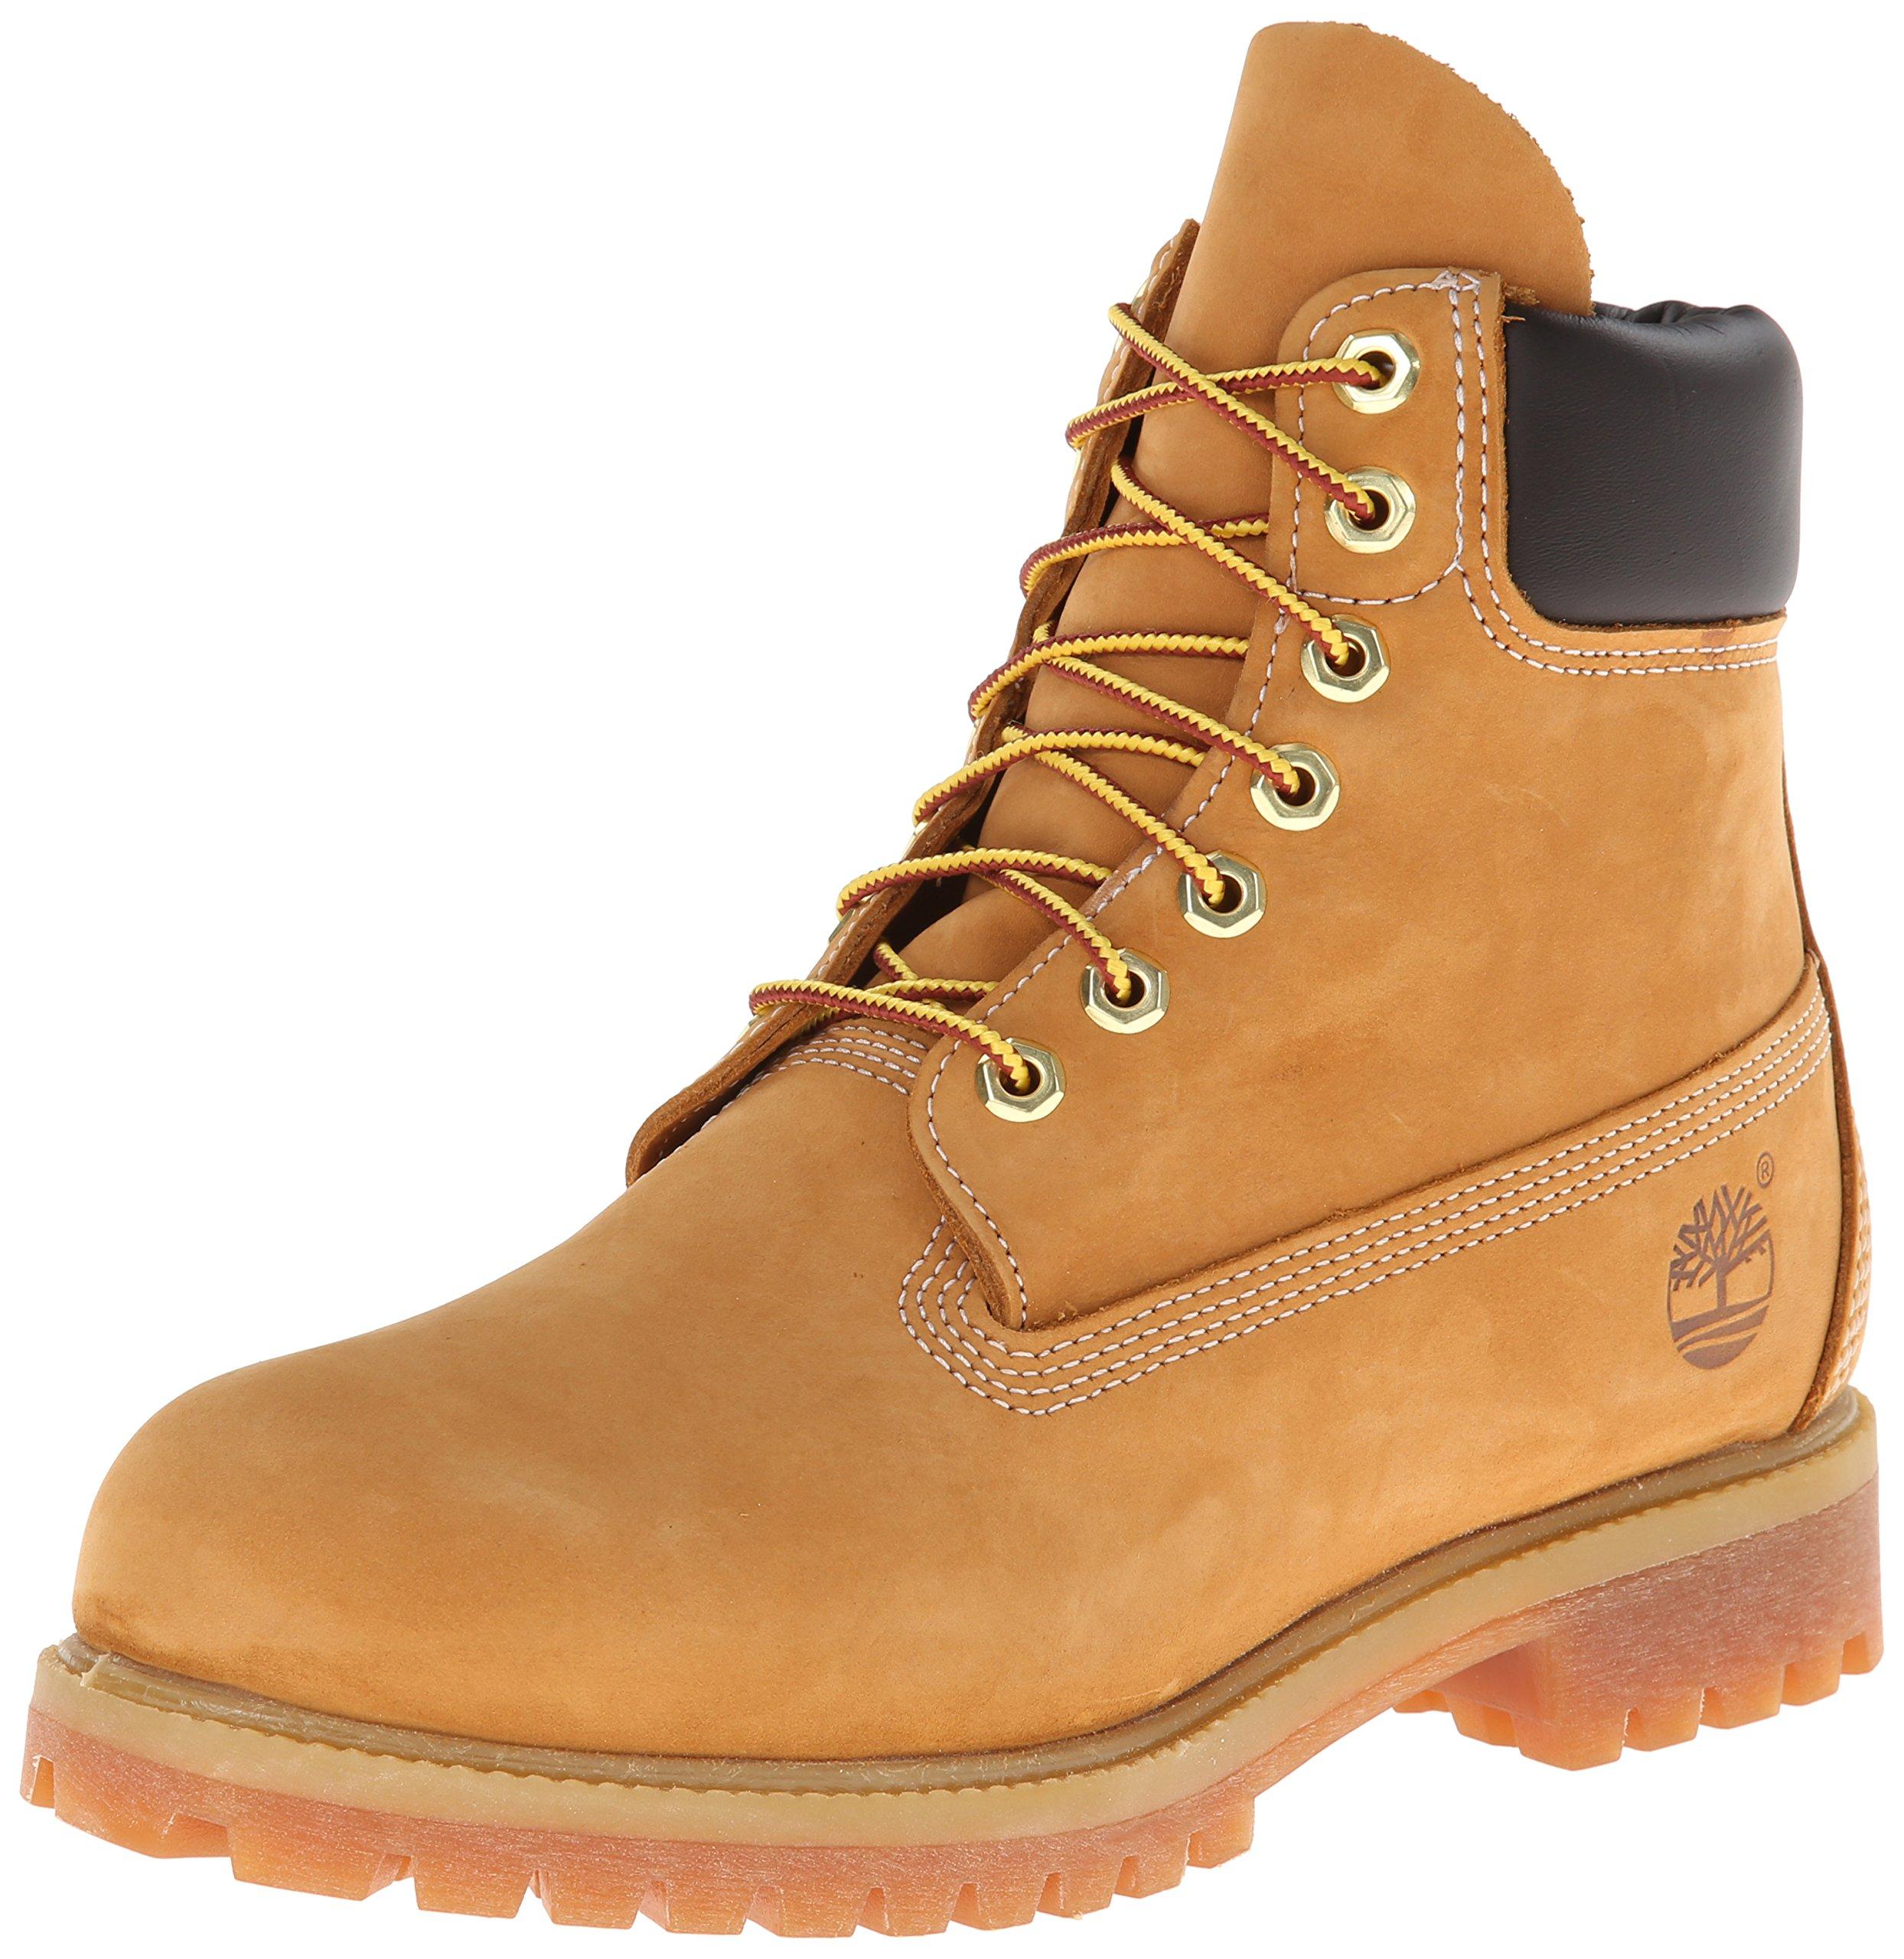 Timberland Men's 6 inch Premium Waterproof Boot,Wheat Nubuck,11 M US